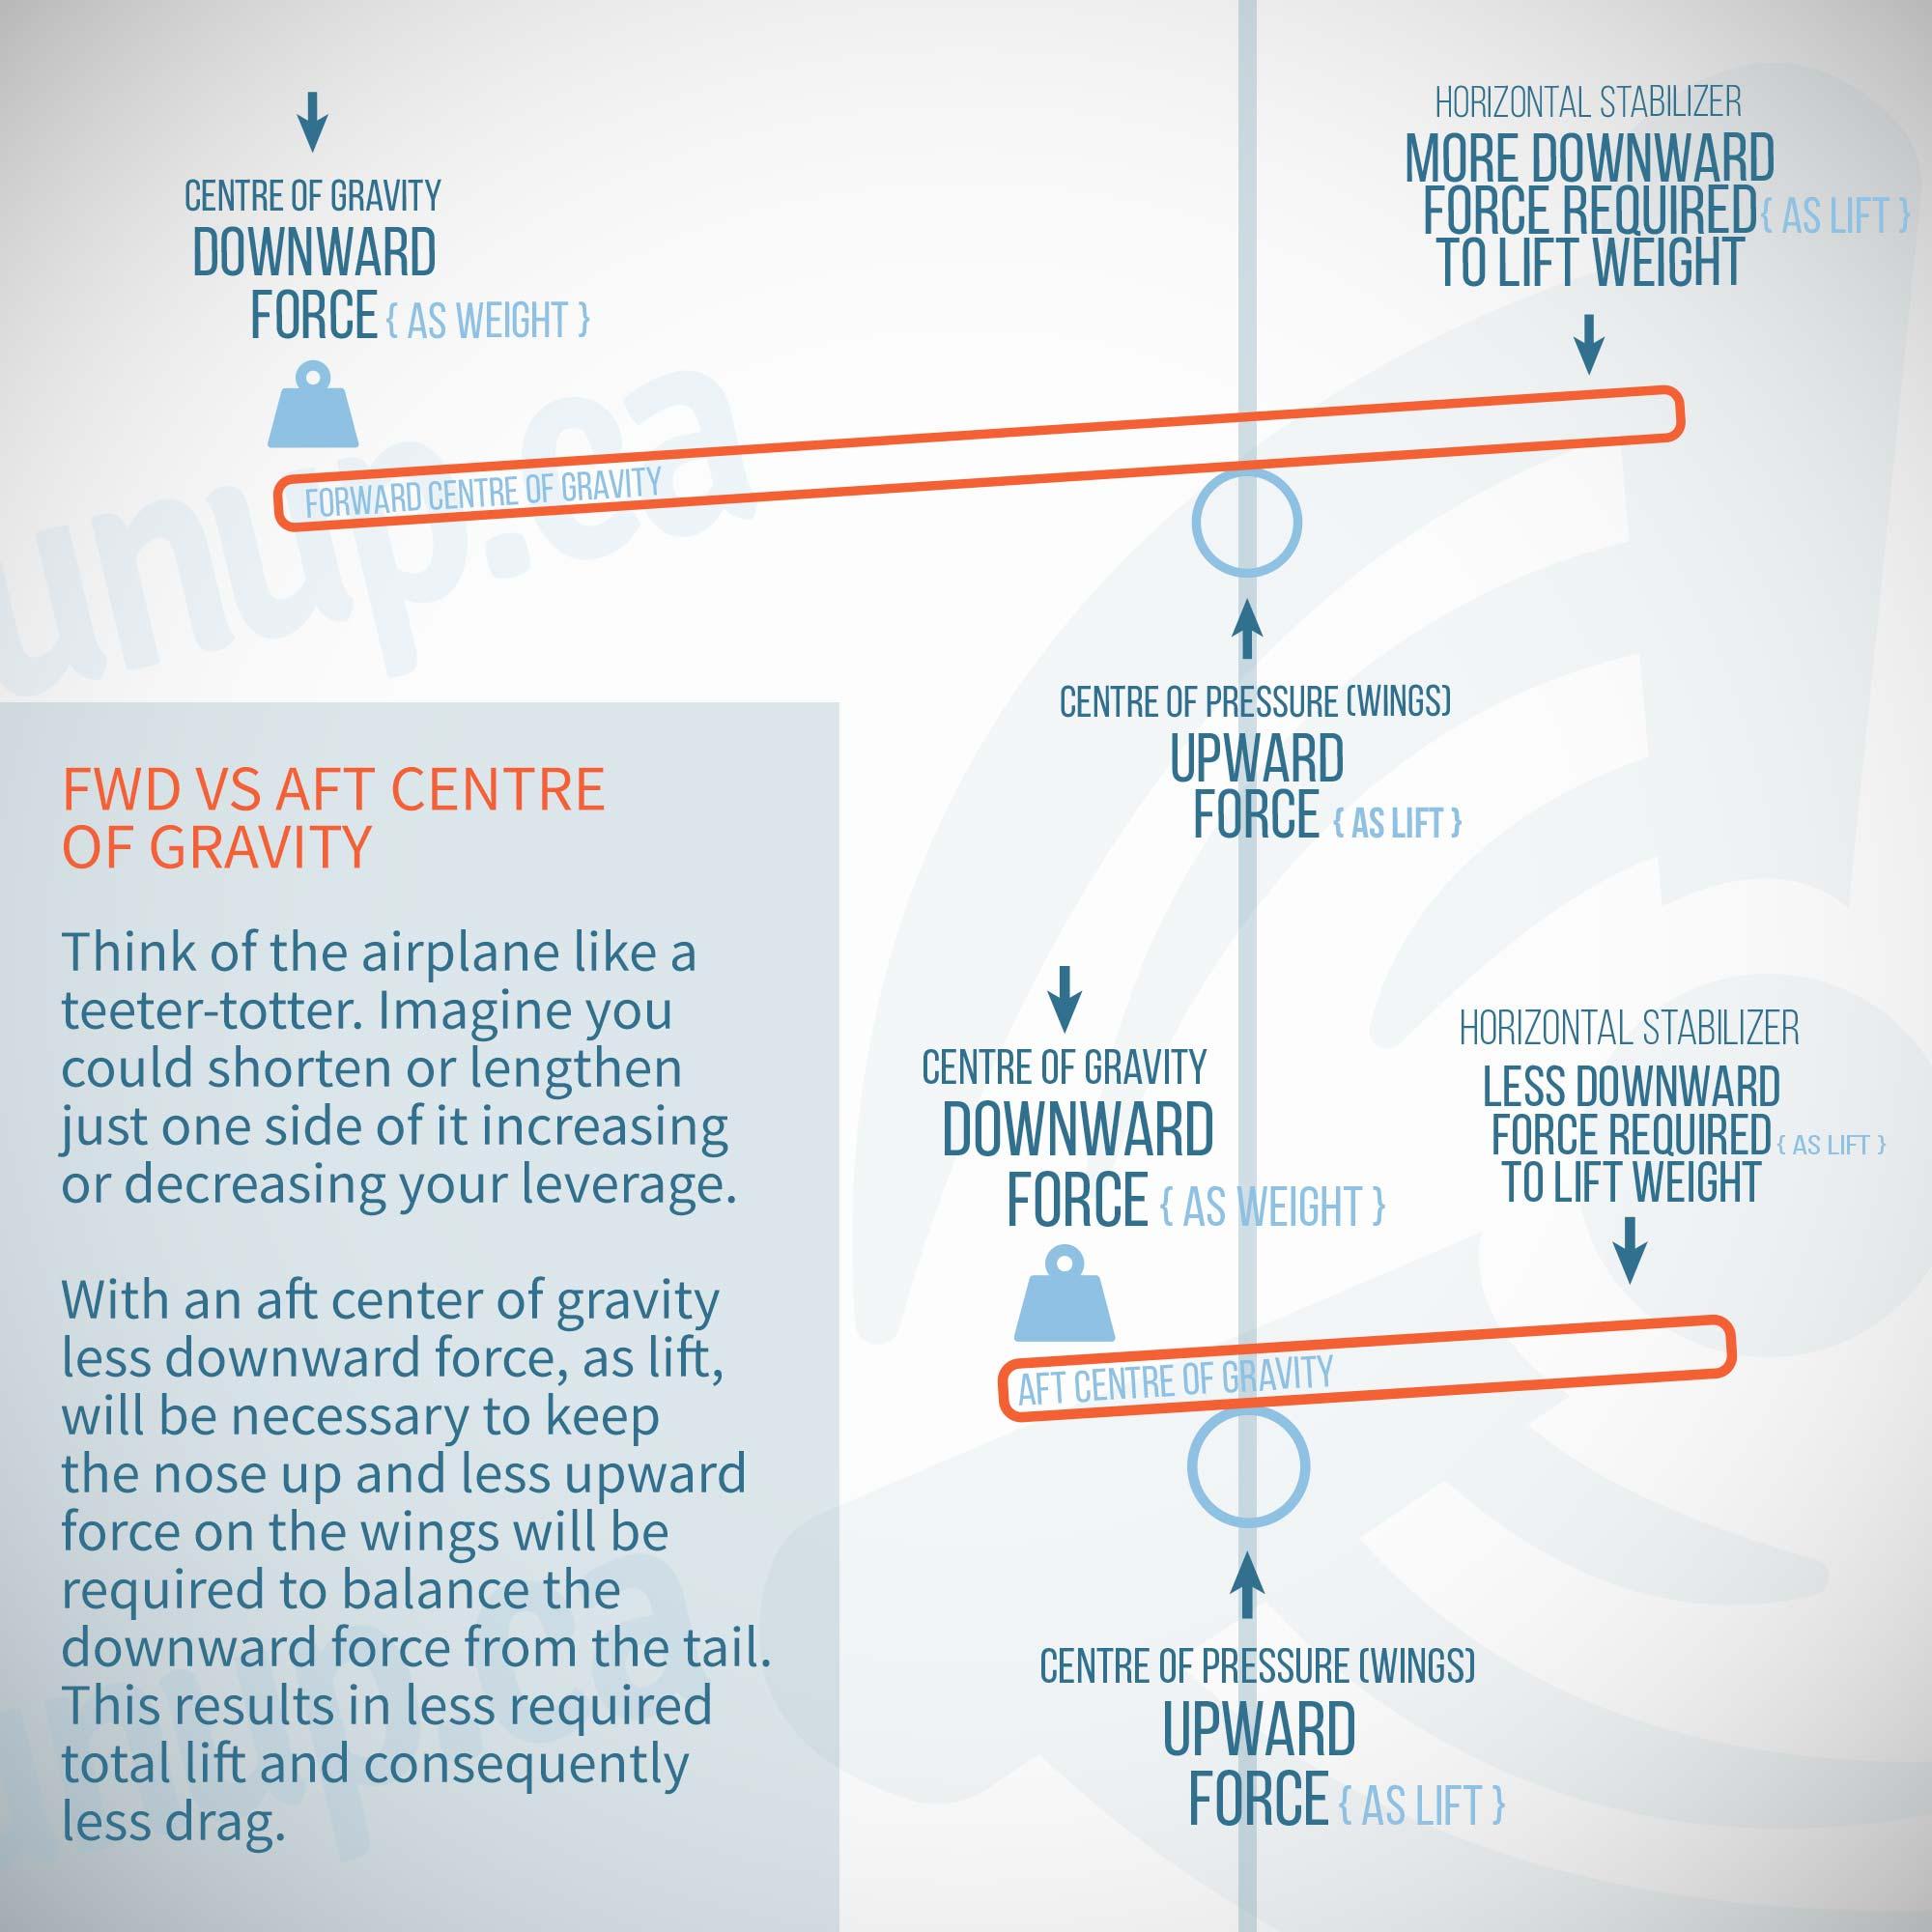 Forward Vs Aft Center of Gravity